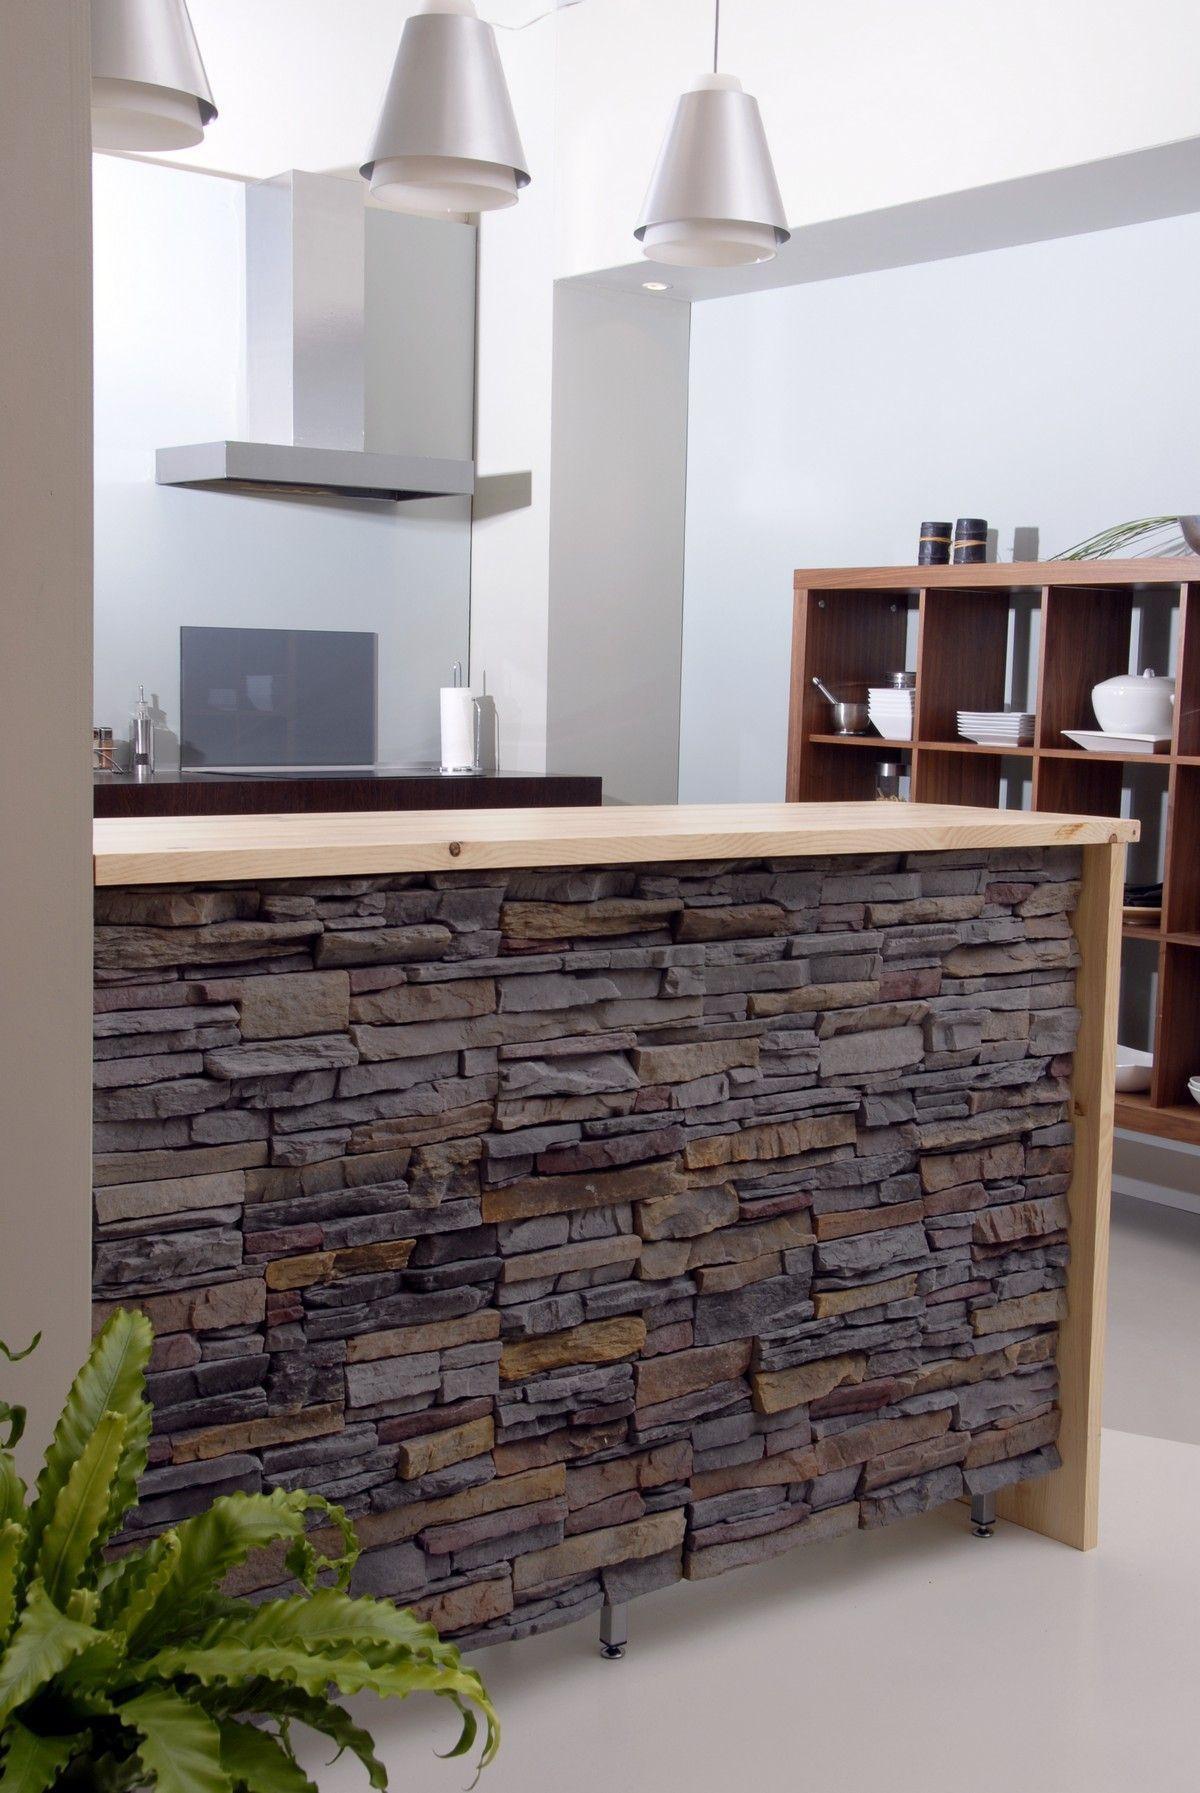 Barra cocina americana en Decoración, Soluciones de decoración ...